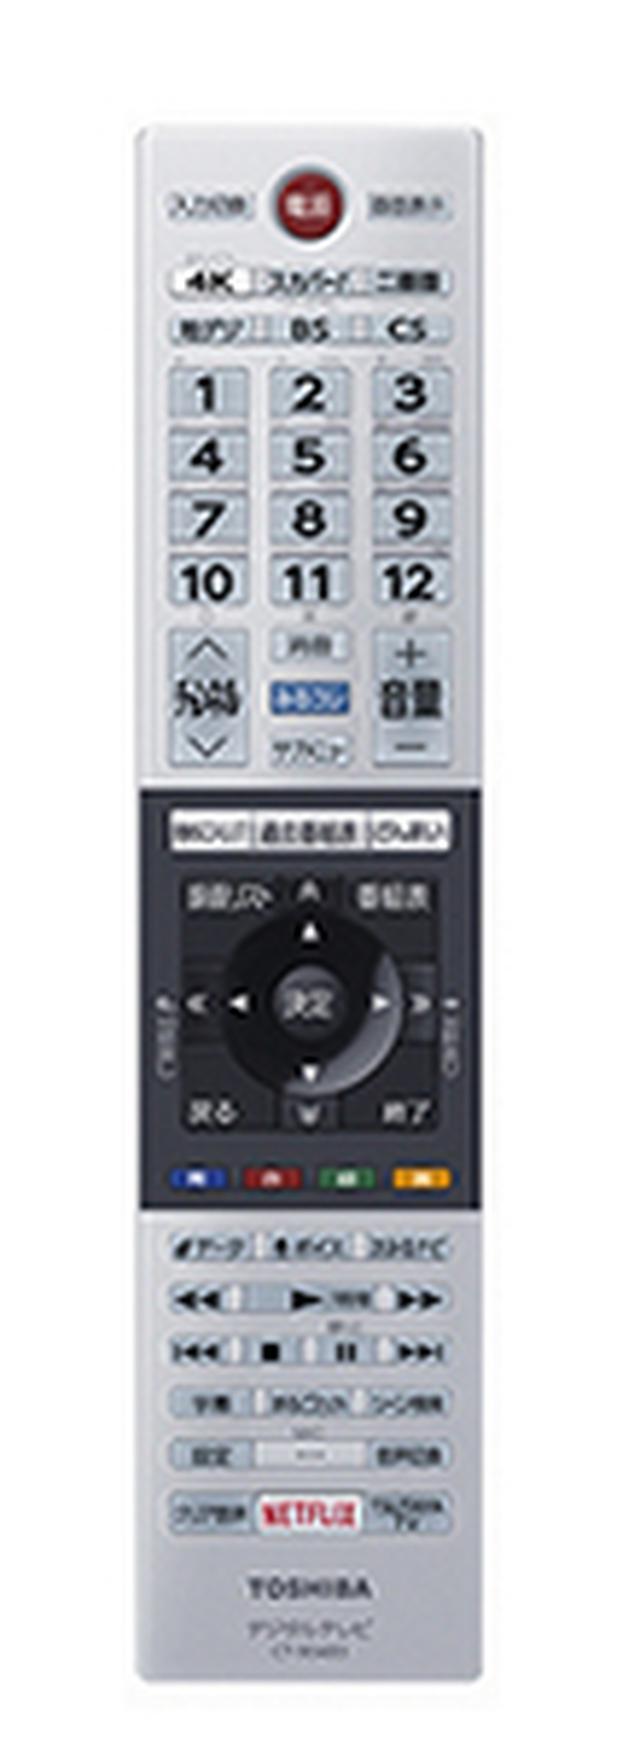 画像: 「始めにジャンプ」「過去番組表」「ざんまい~」と、タイムシフトマシン関連のボタンを集約して、操作性を改善。